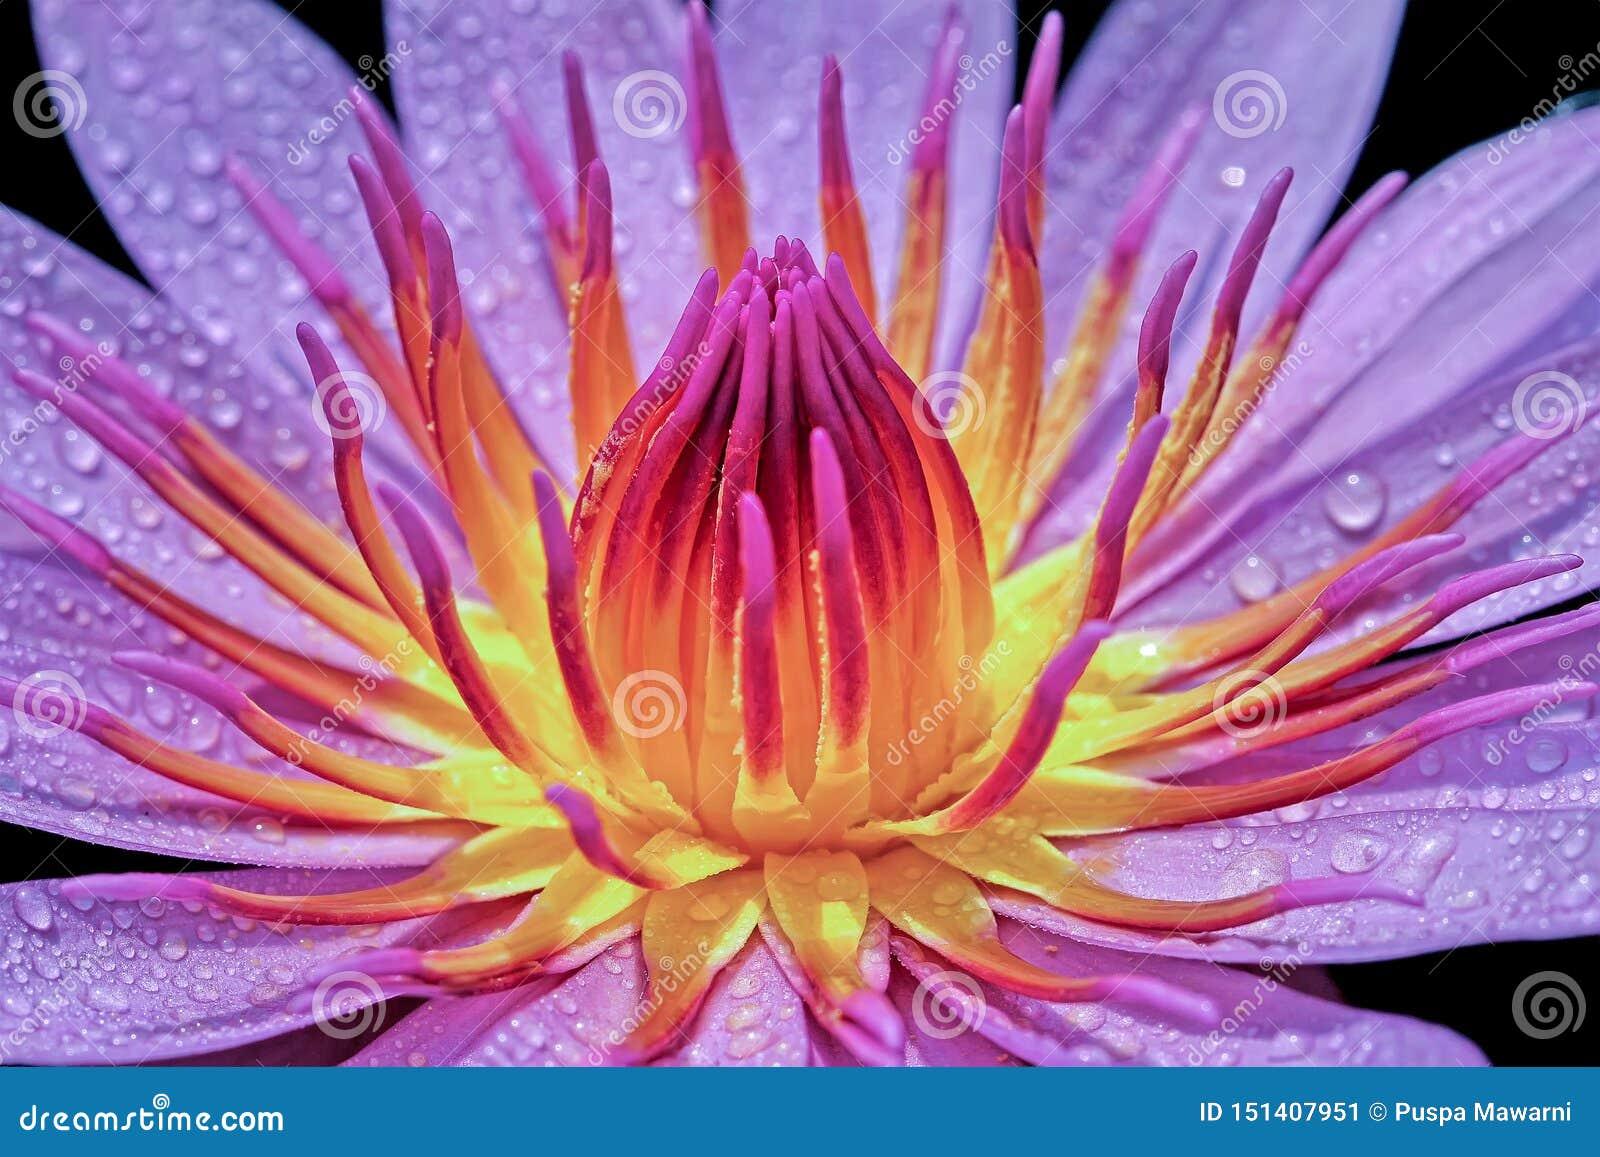 荷花的秀丽开花与在它的瓣的露滴